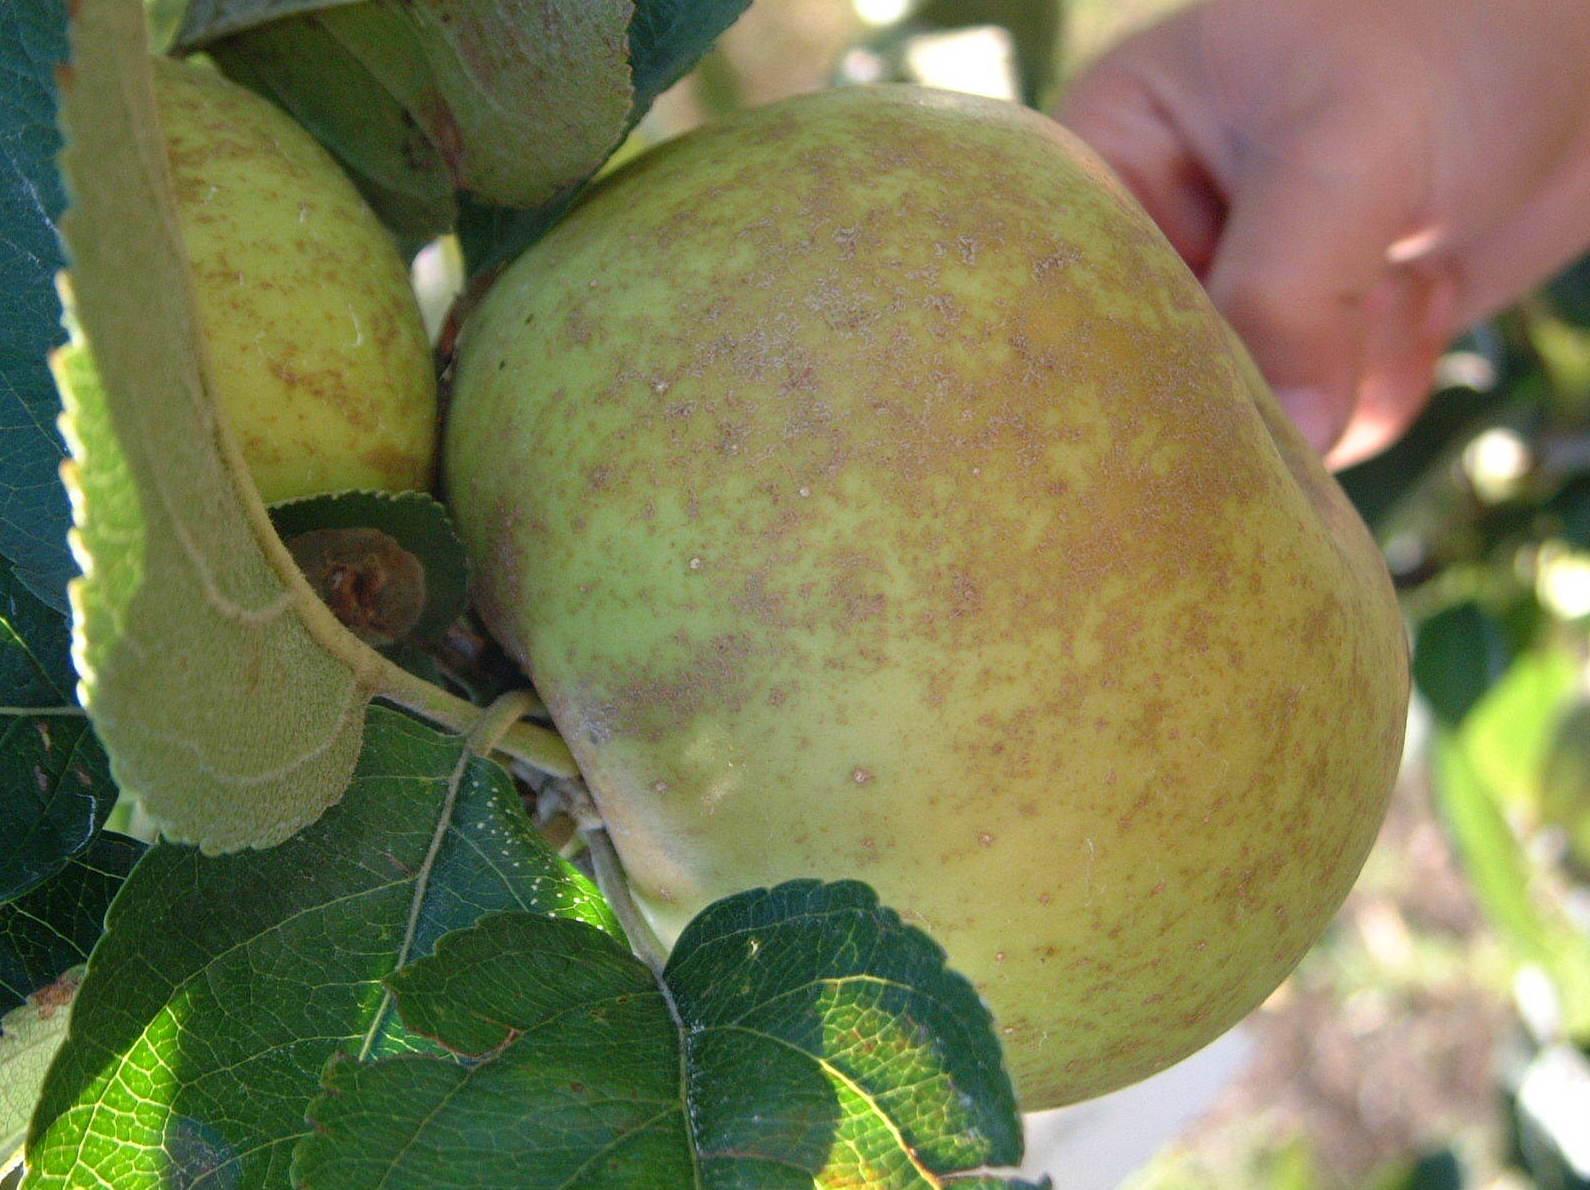 Frutal autóctono gallego - Manzano Tabadilla Clara